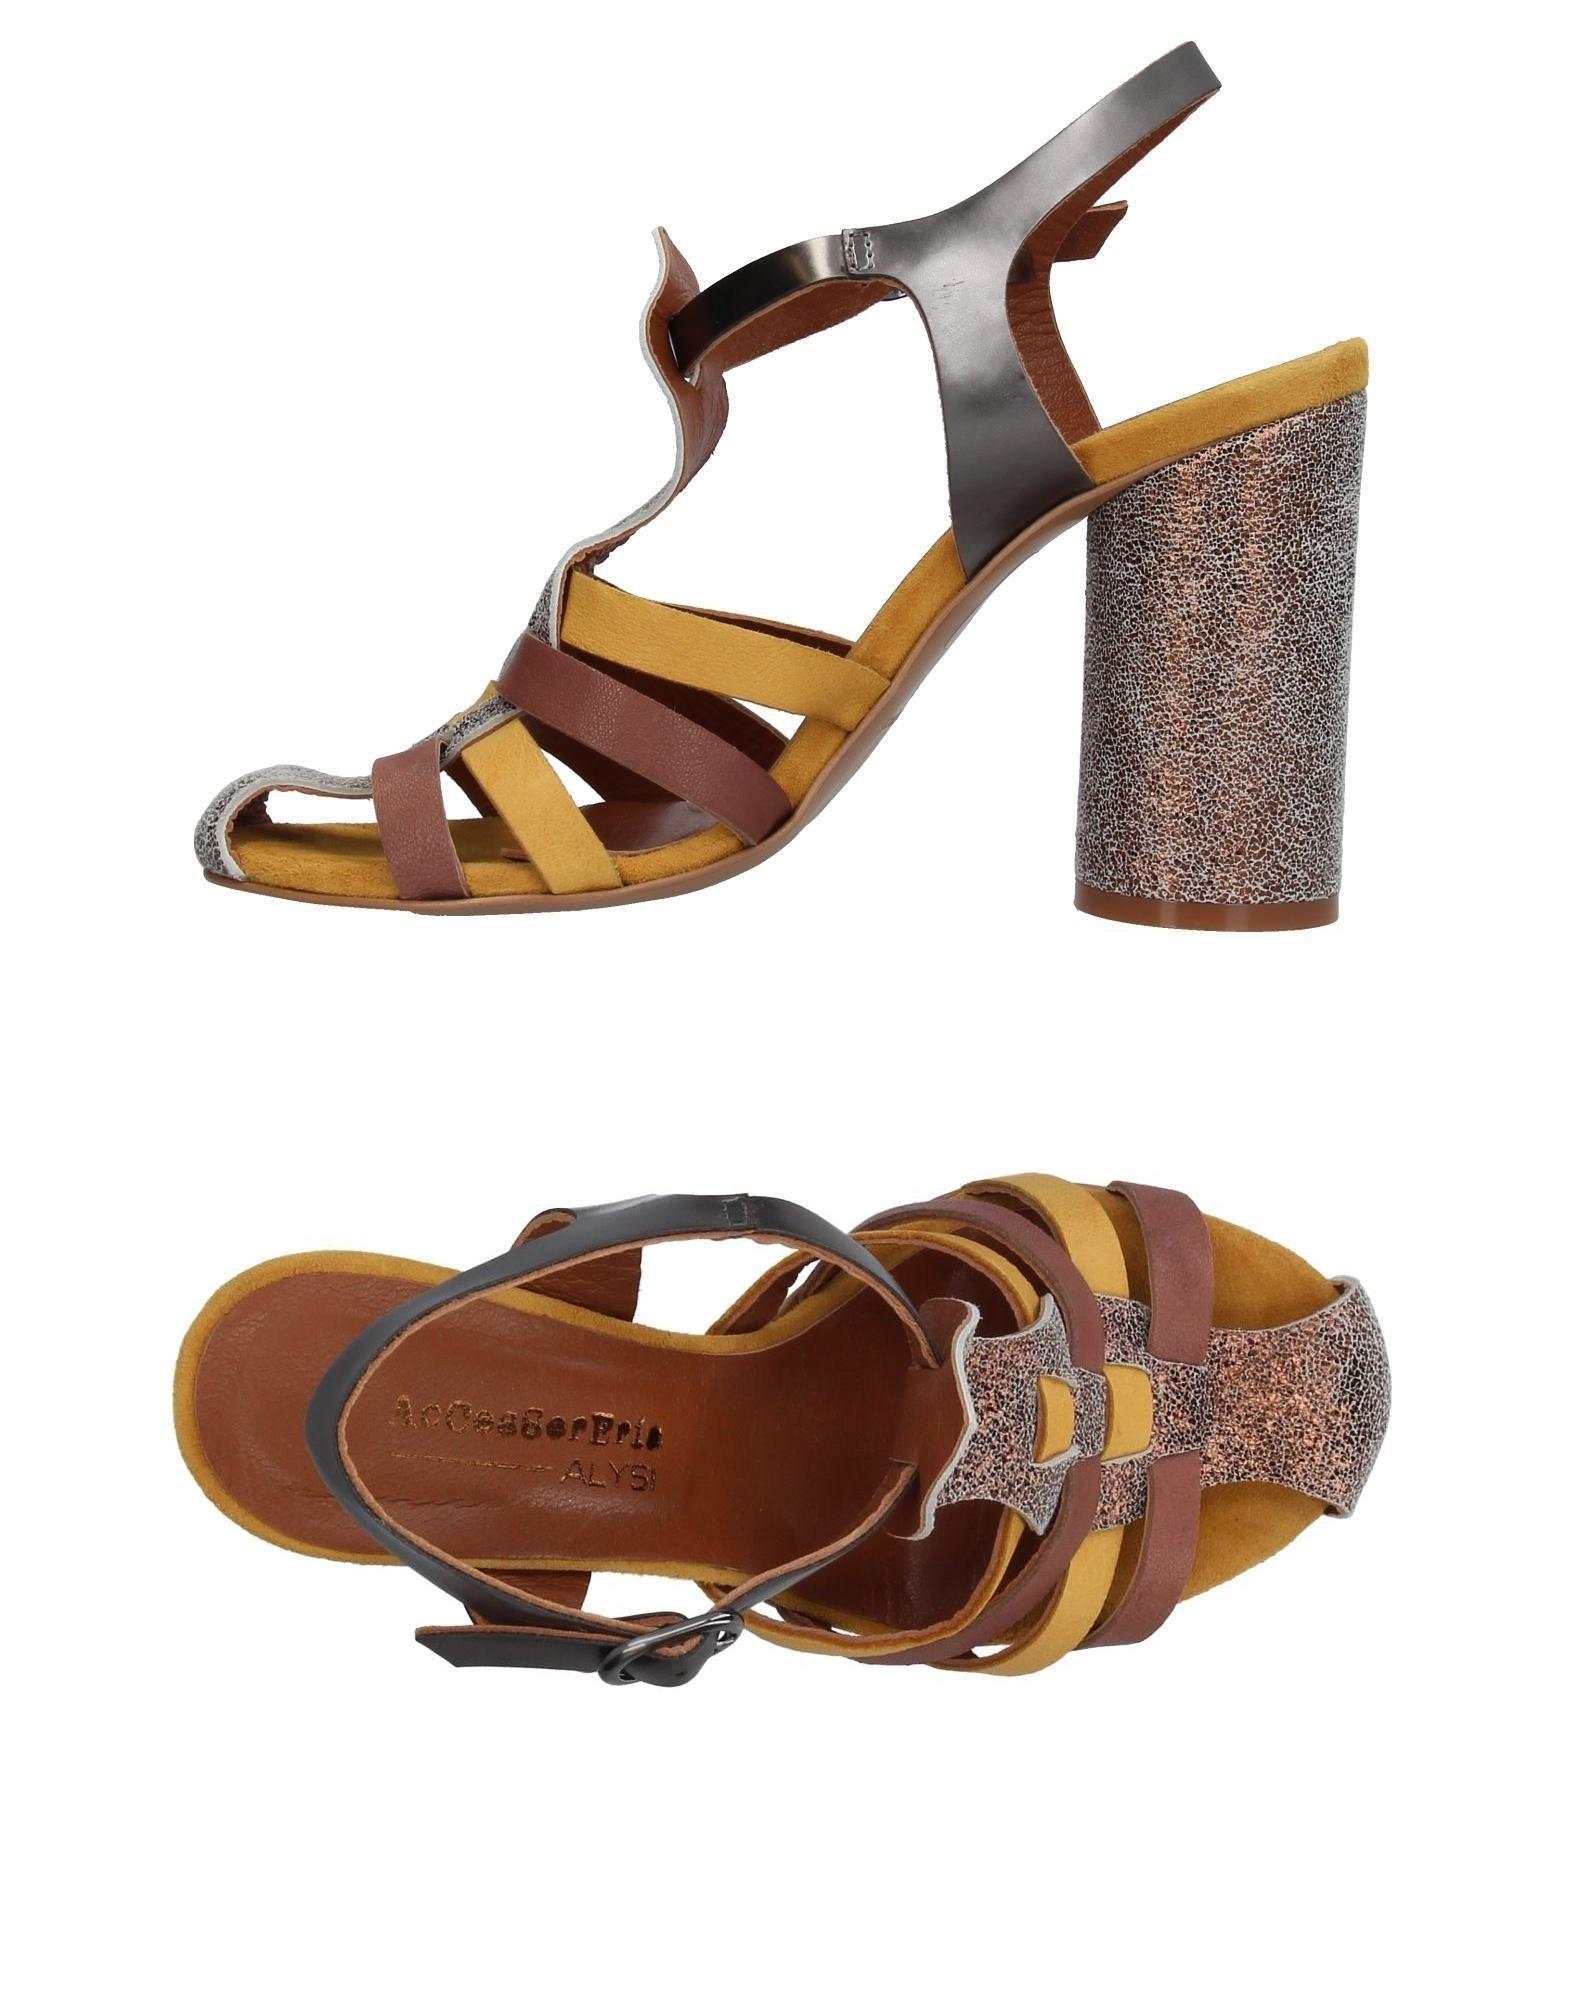 Moda Sandali Alysi Donna - 11401503FL